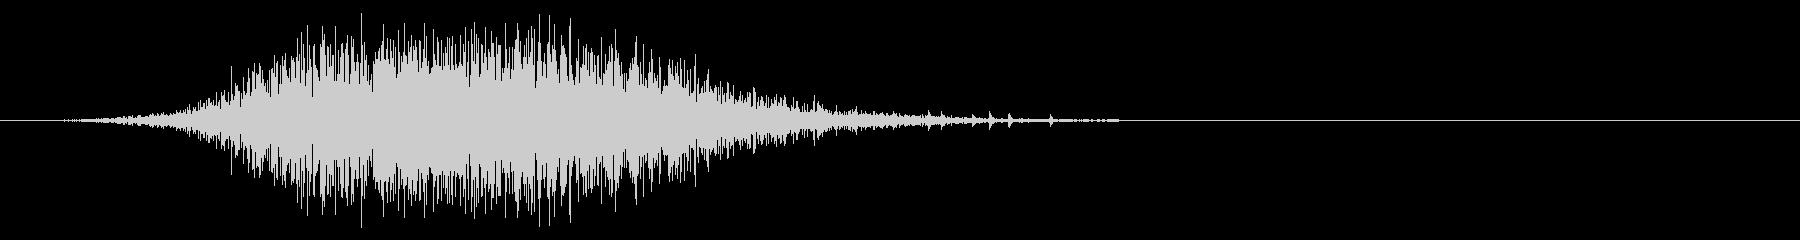 シャープグロール1の未再生の波形